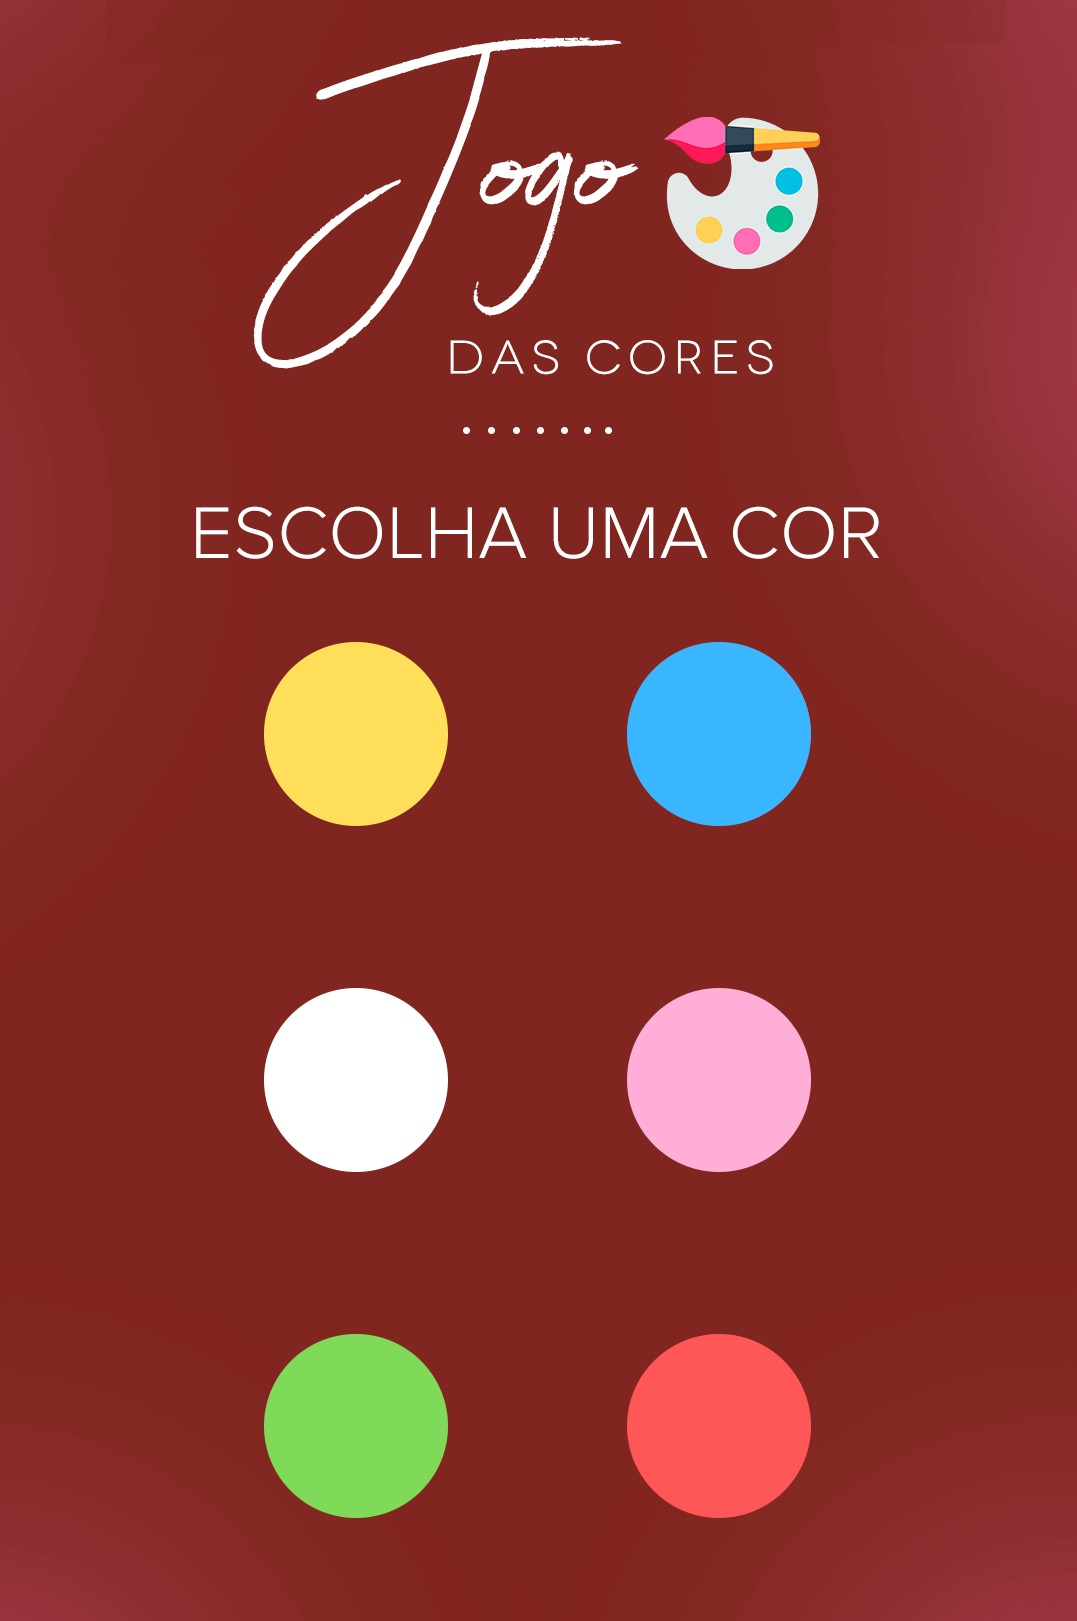 Jogo das cores: escolha uma cor. Nova brincadeira para se divertir muito com seus contato, é só enviar ou postar no status: escolha uma cor!.